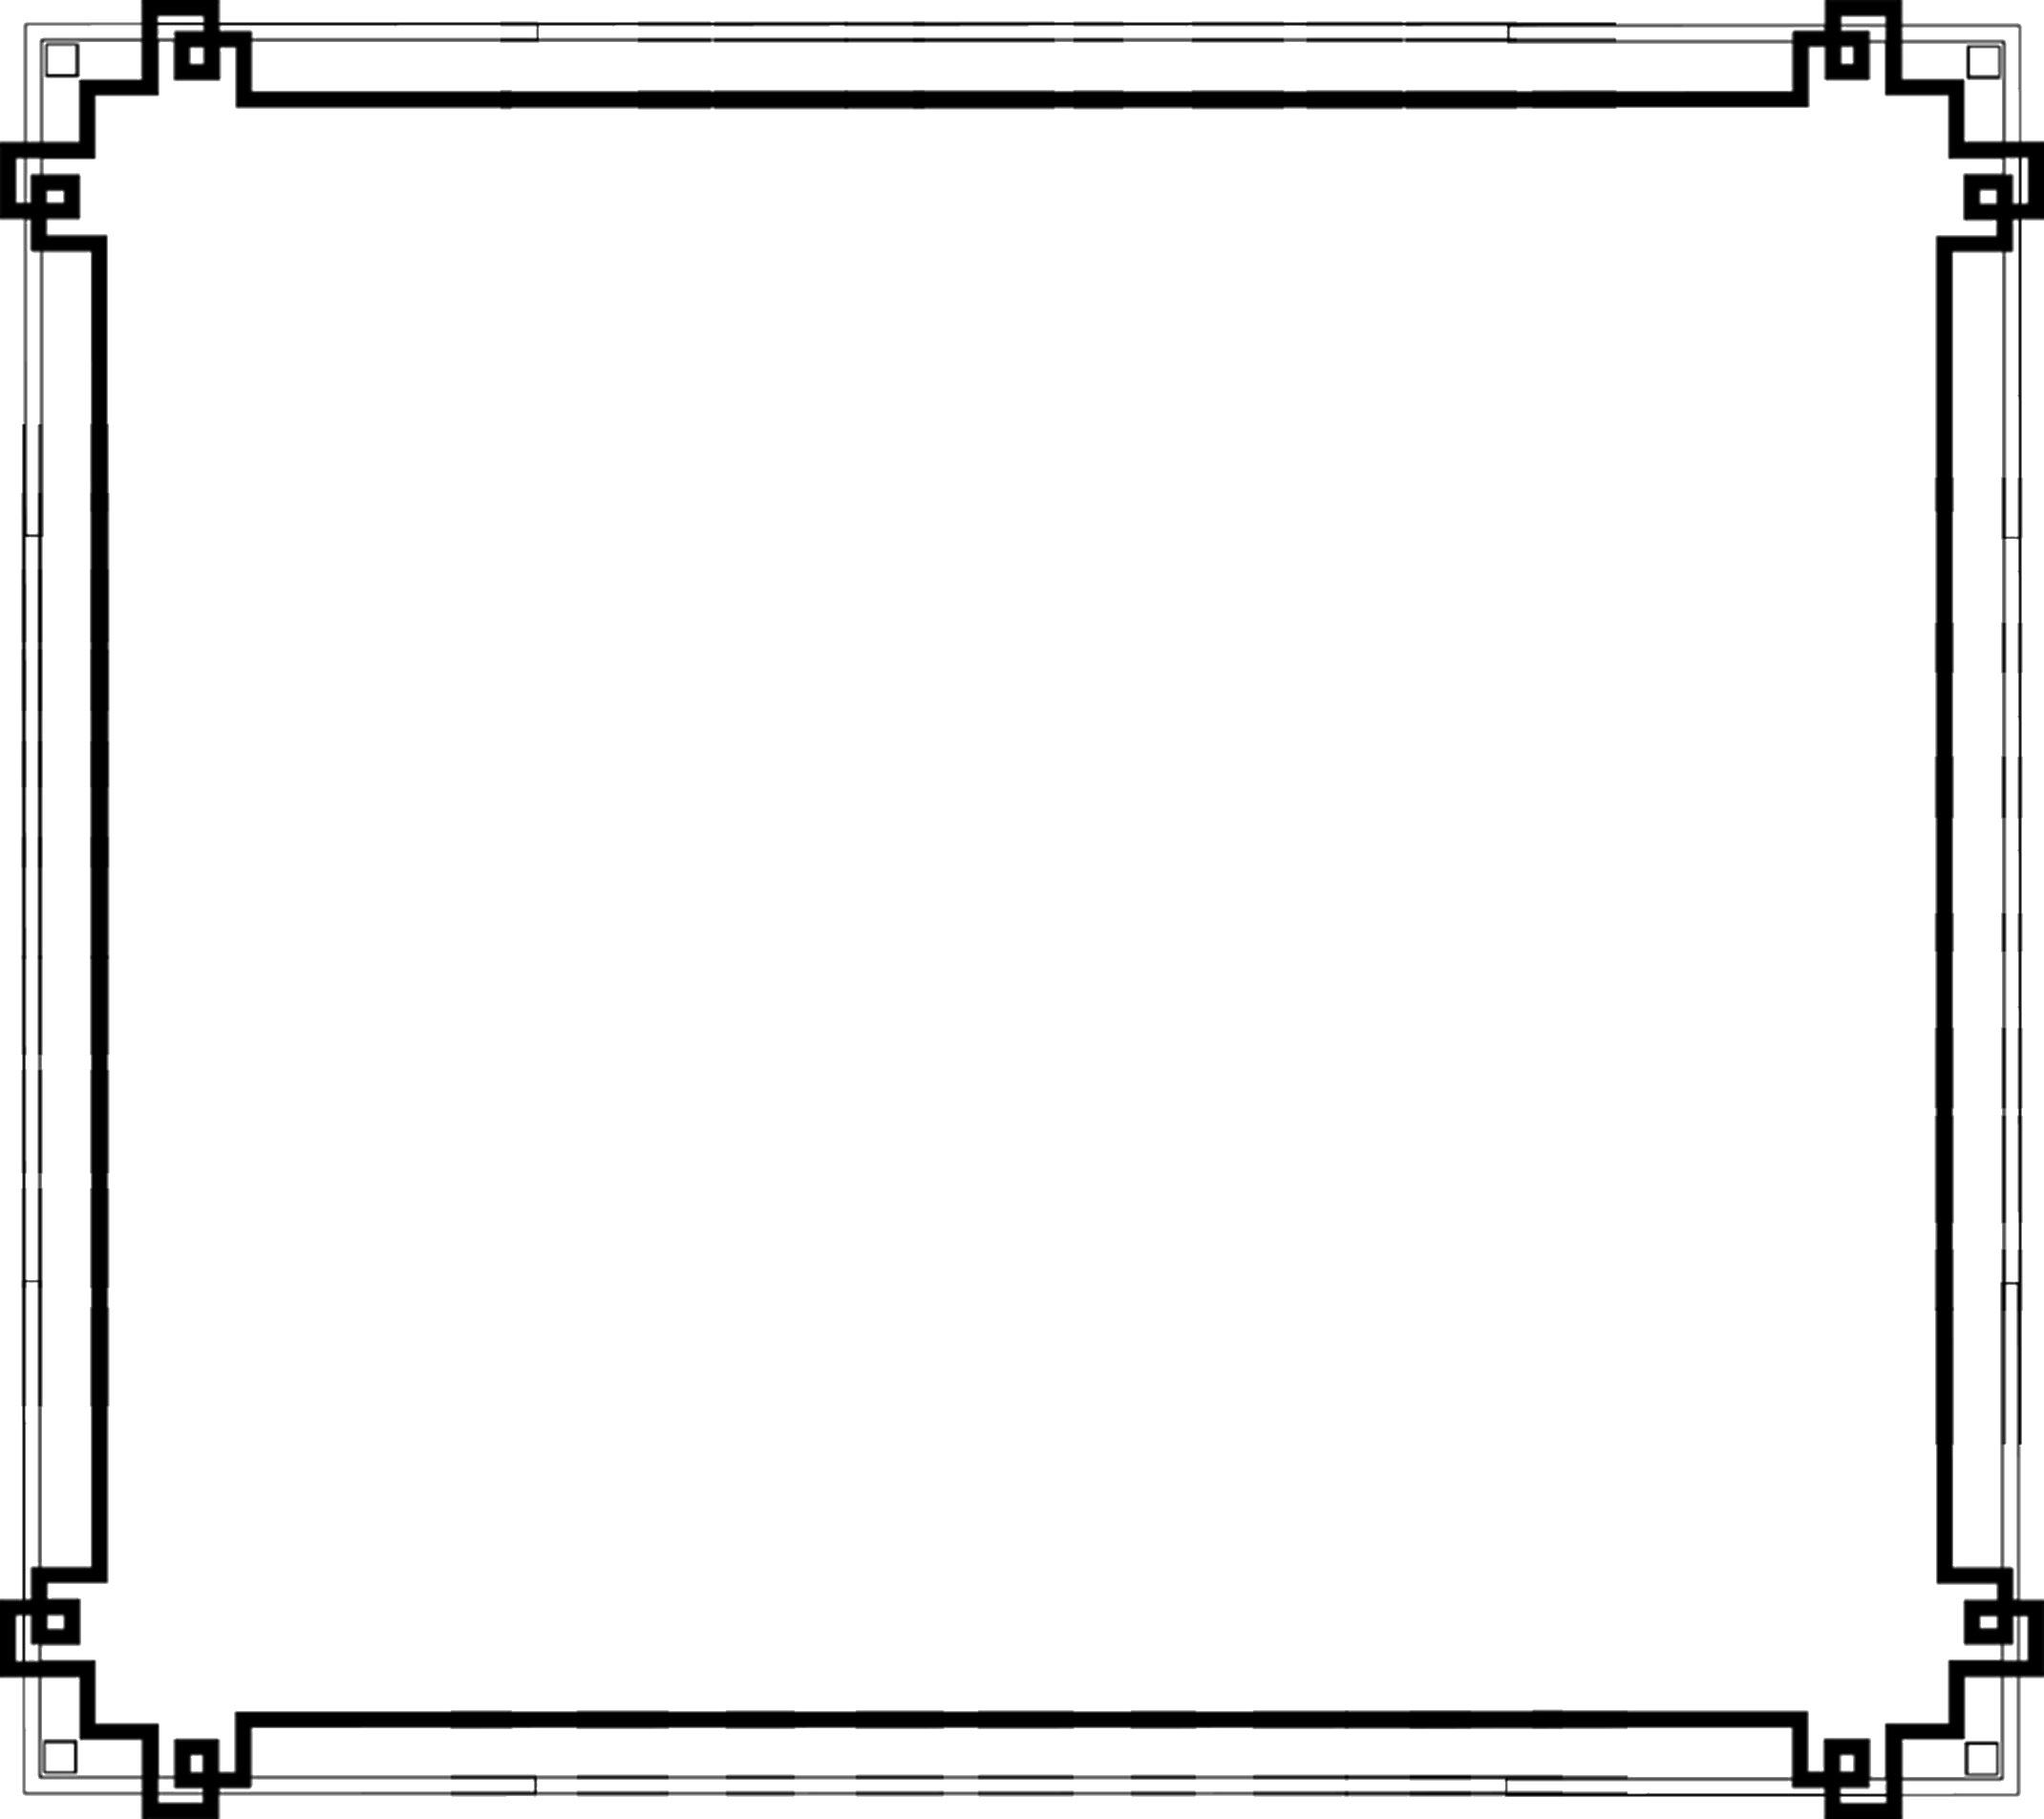 無料のフリー素材 - フレーム枠・タイトル「カクカク」